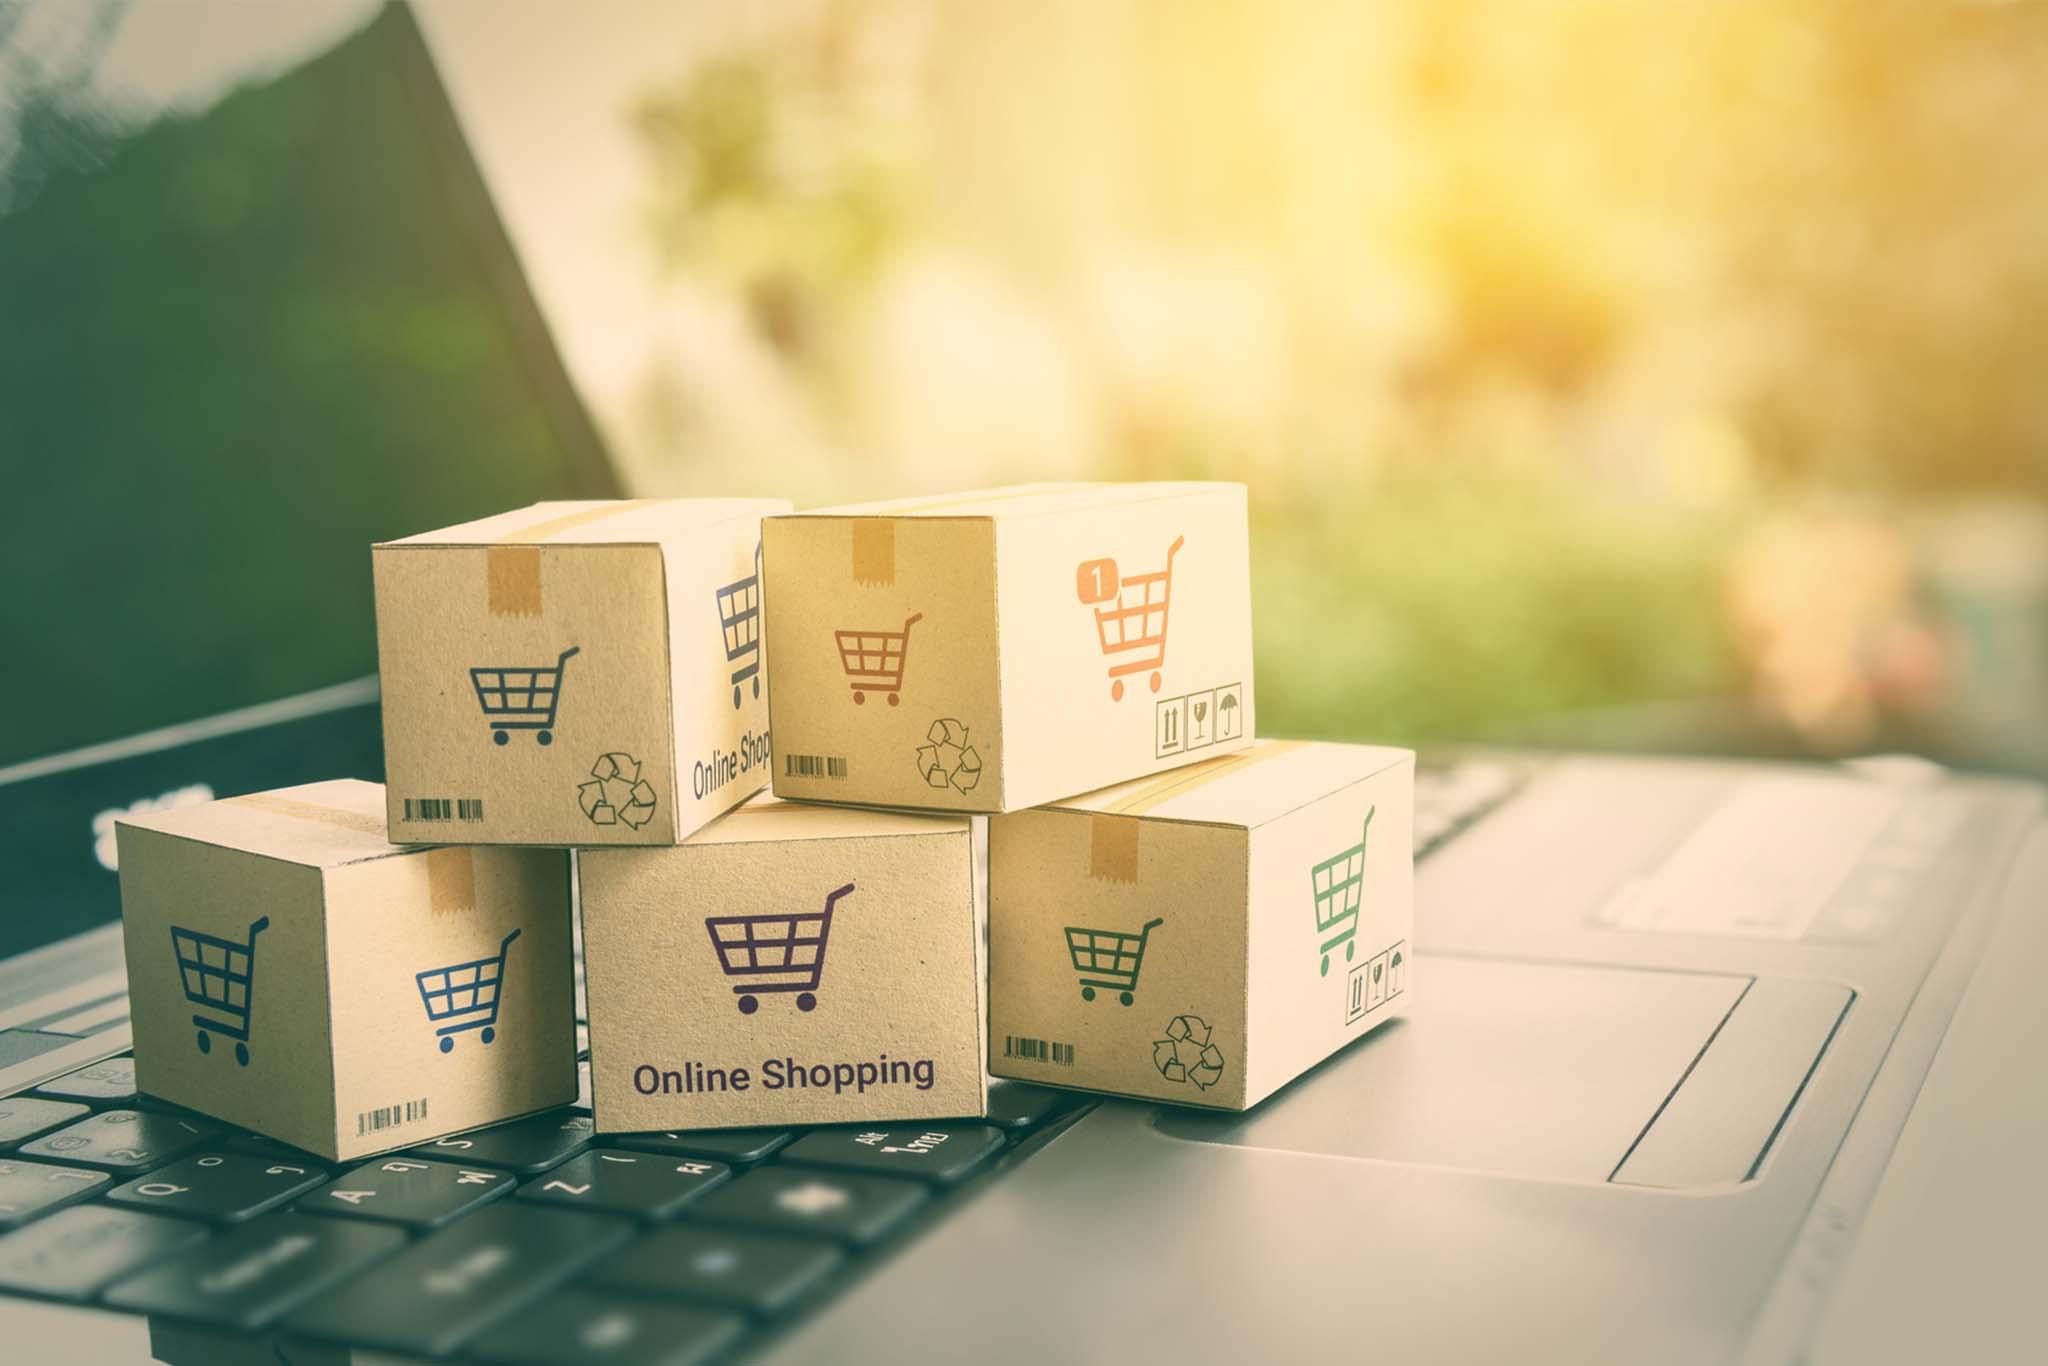 https://dev.ekipdeco.com/wp-content/uploads/2018/09/shoppingliste-home.jpg